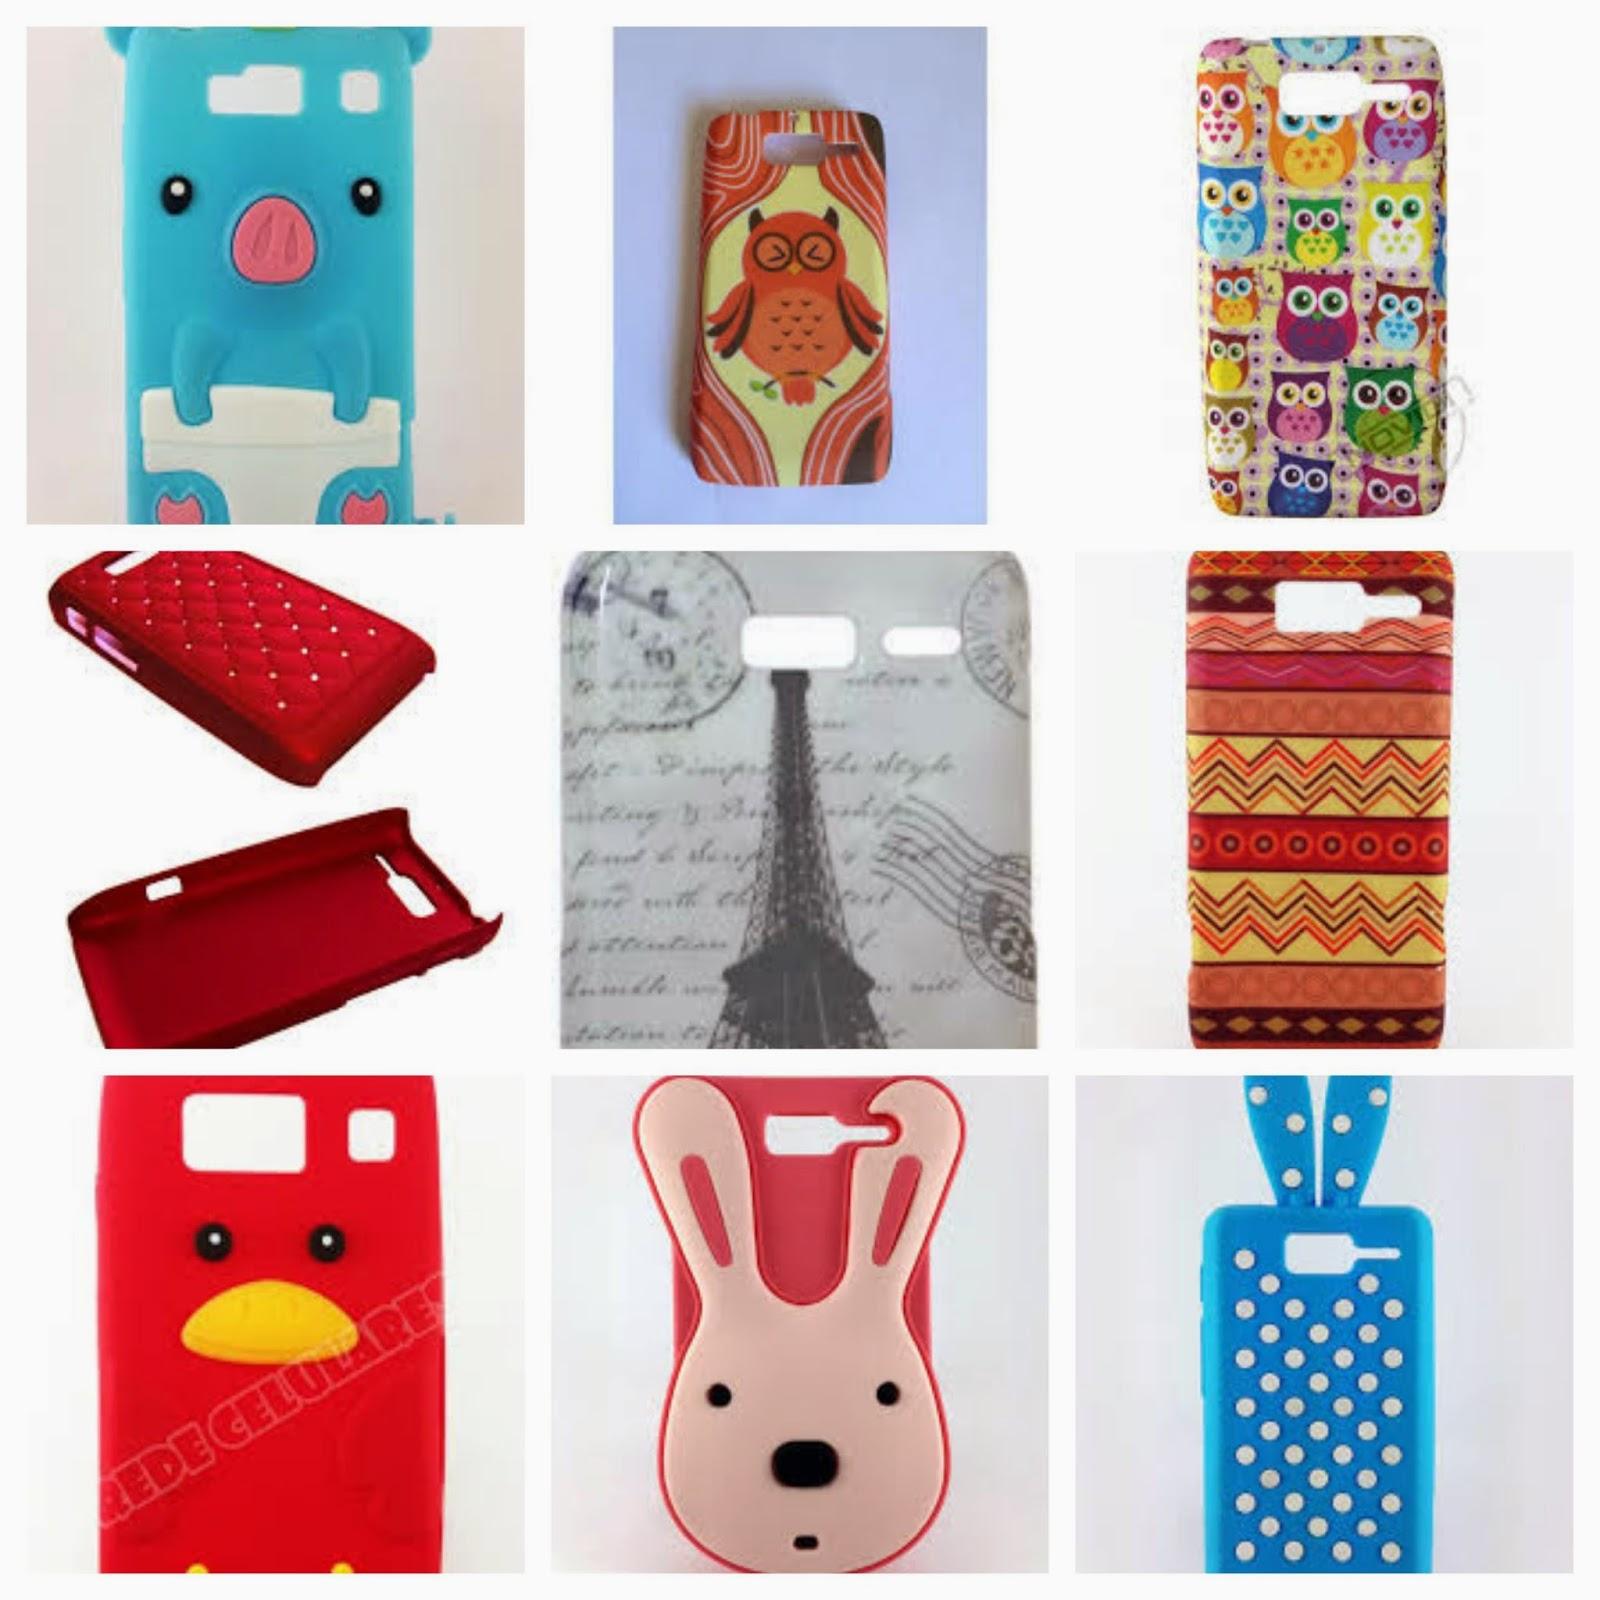 imagens de capinhas de celular lg - Capinha Lg L5 Celulares e Smartphones